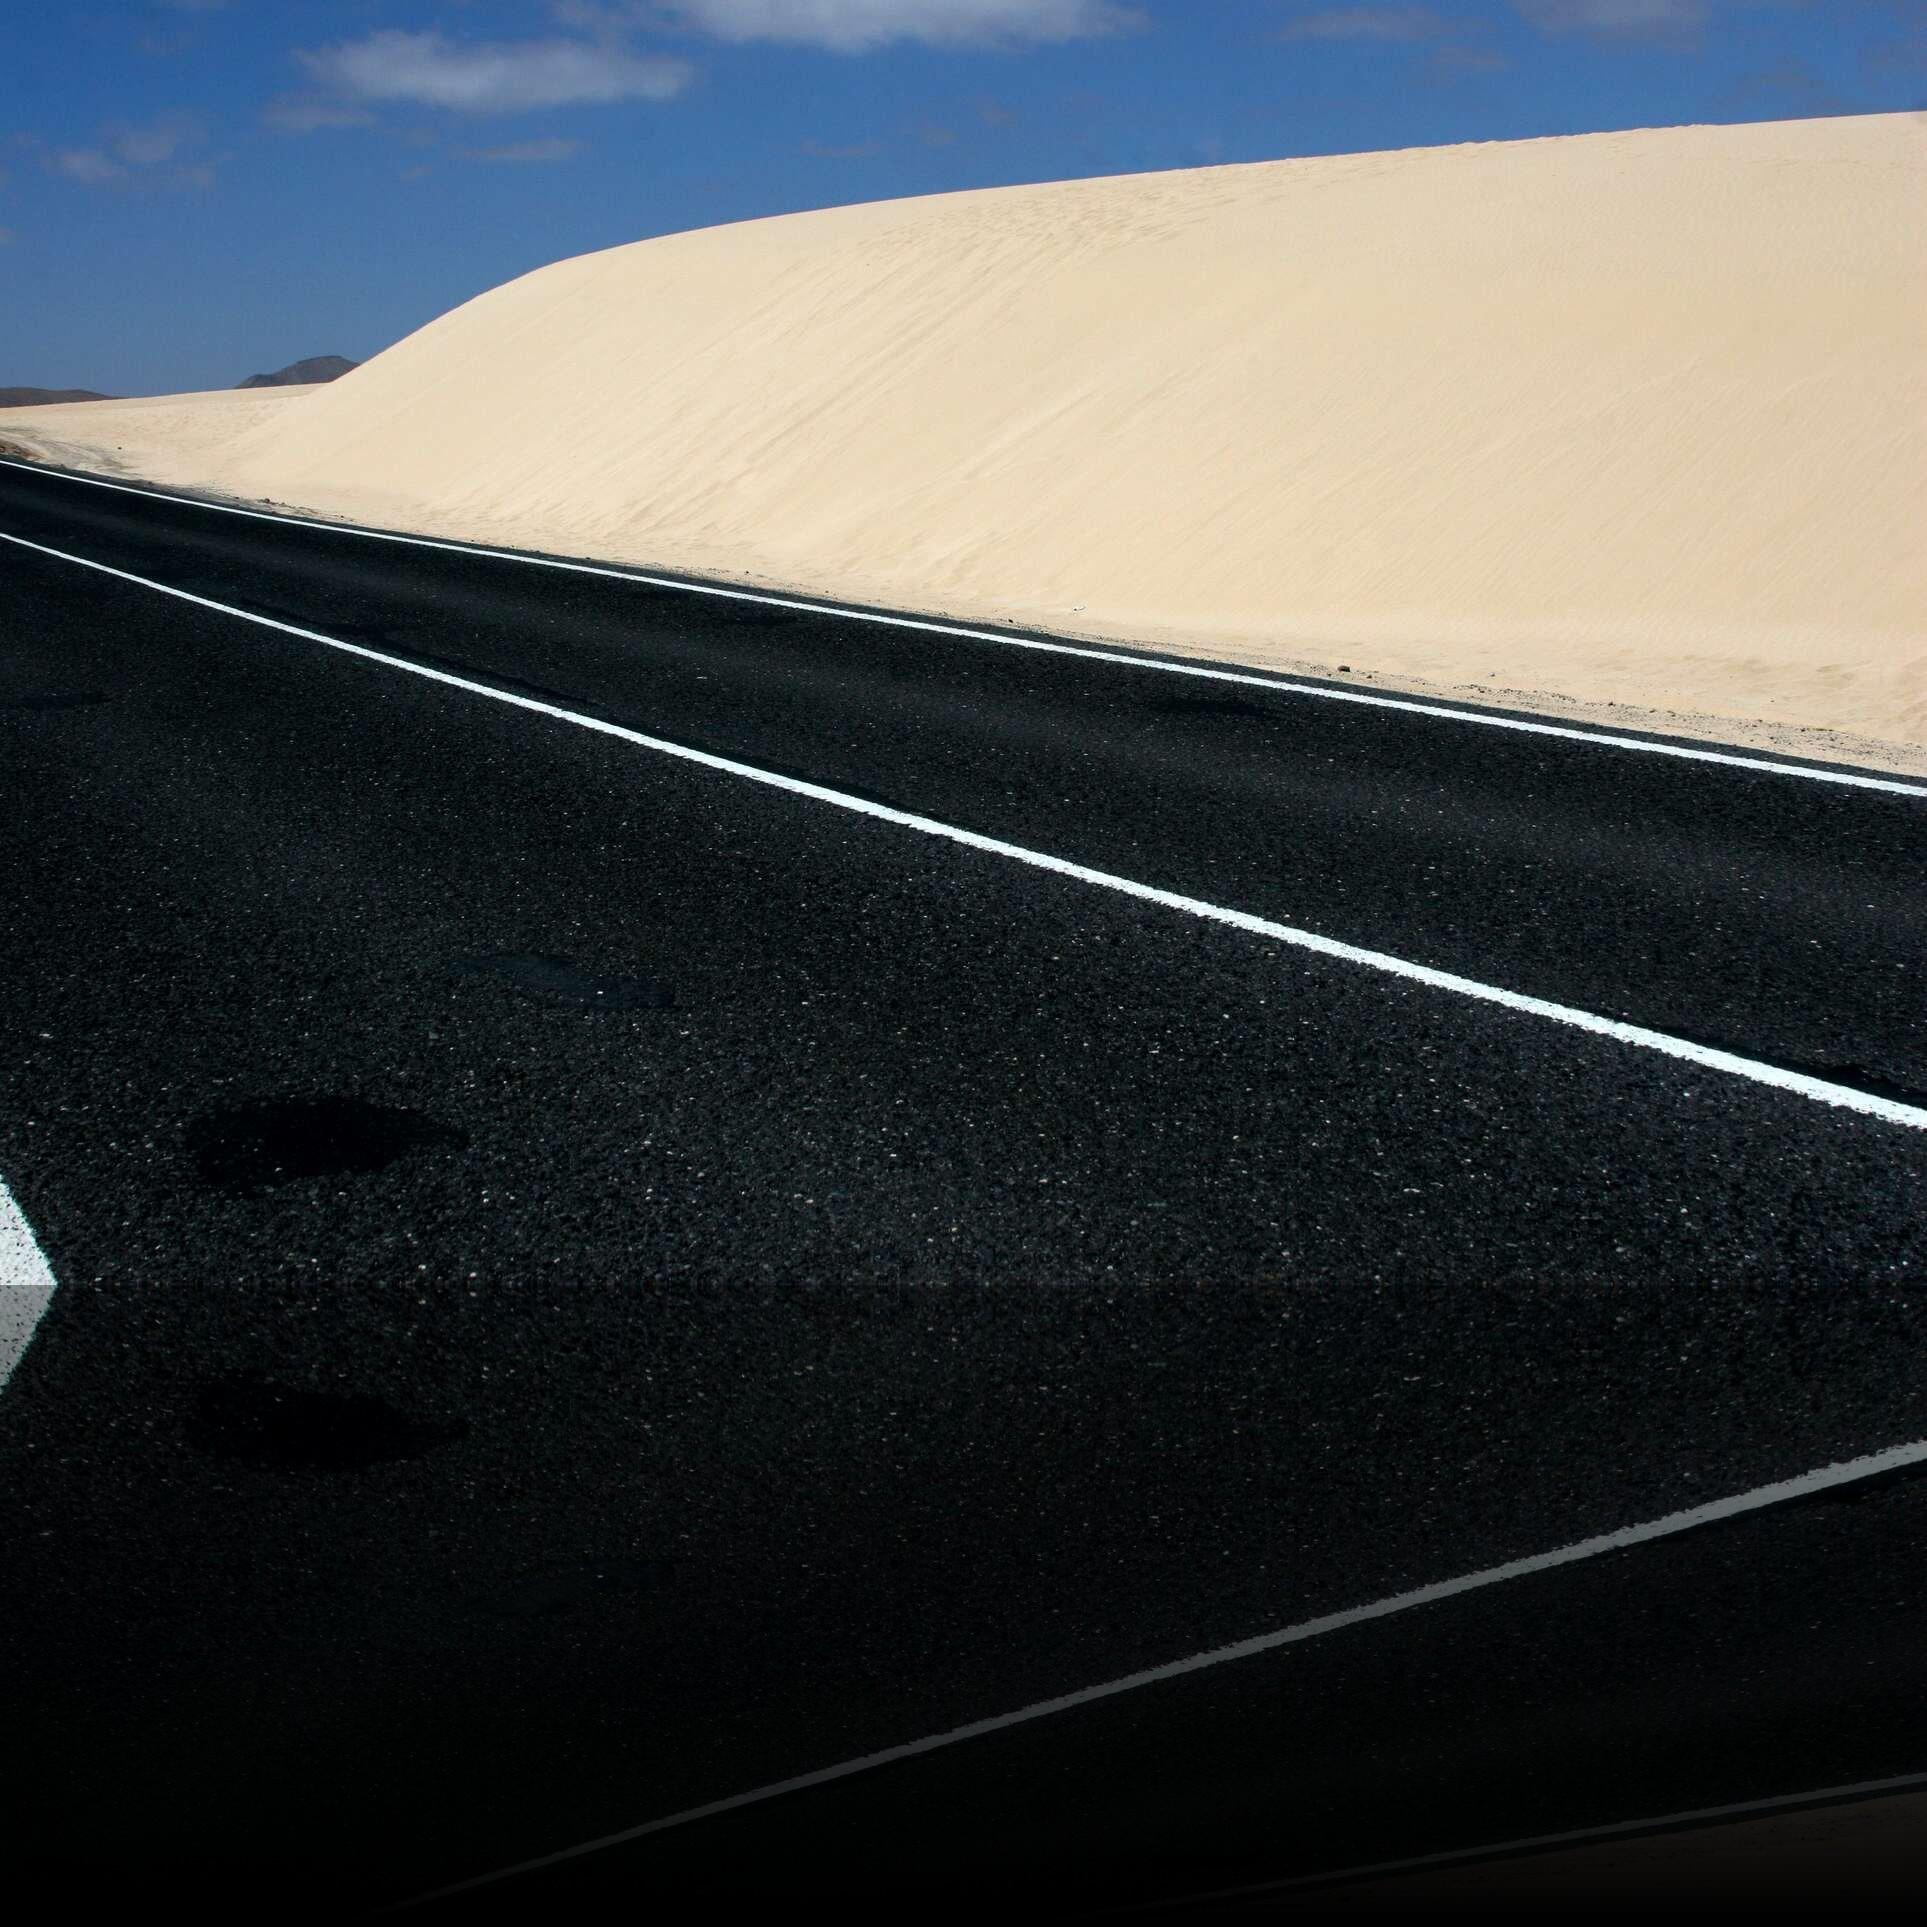 refl_347c4dd682e8f84c399bbe3731bb5b14_1911-sabbia-e-asfalto-4